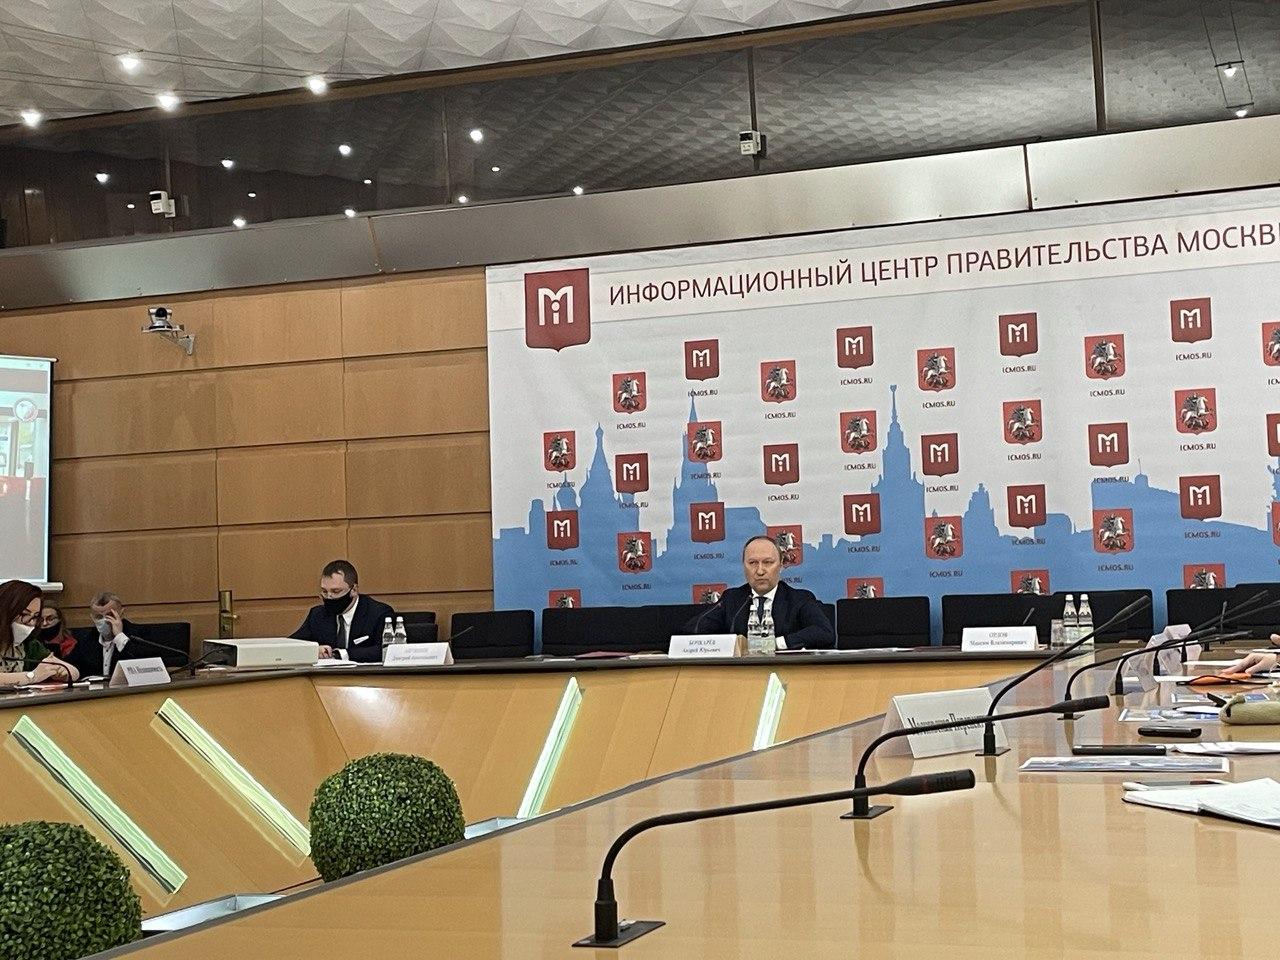 Представители Комплекса градостроительной политики и строительства Москвы подвели итоги работы за 2020 год